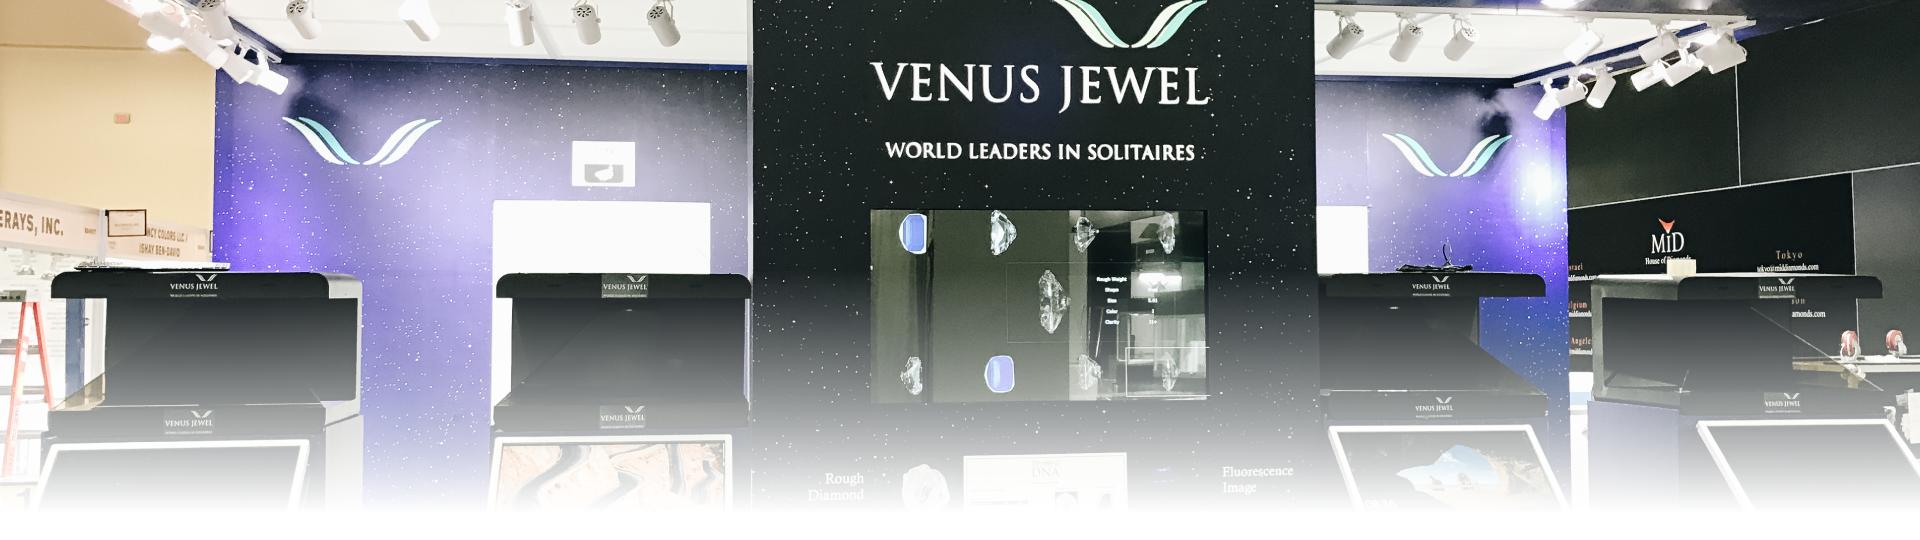 Venus Jewel-2